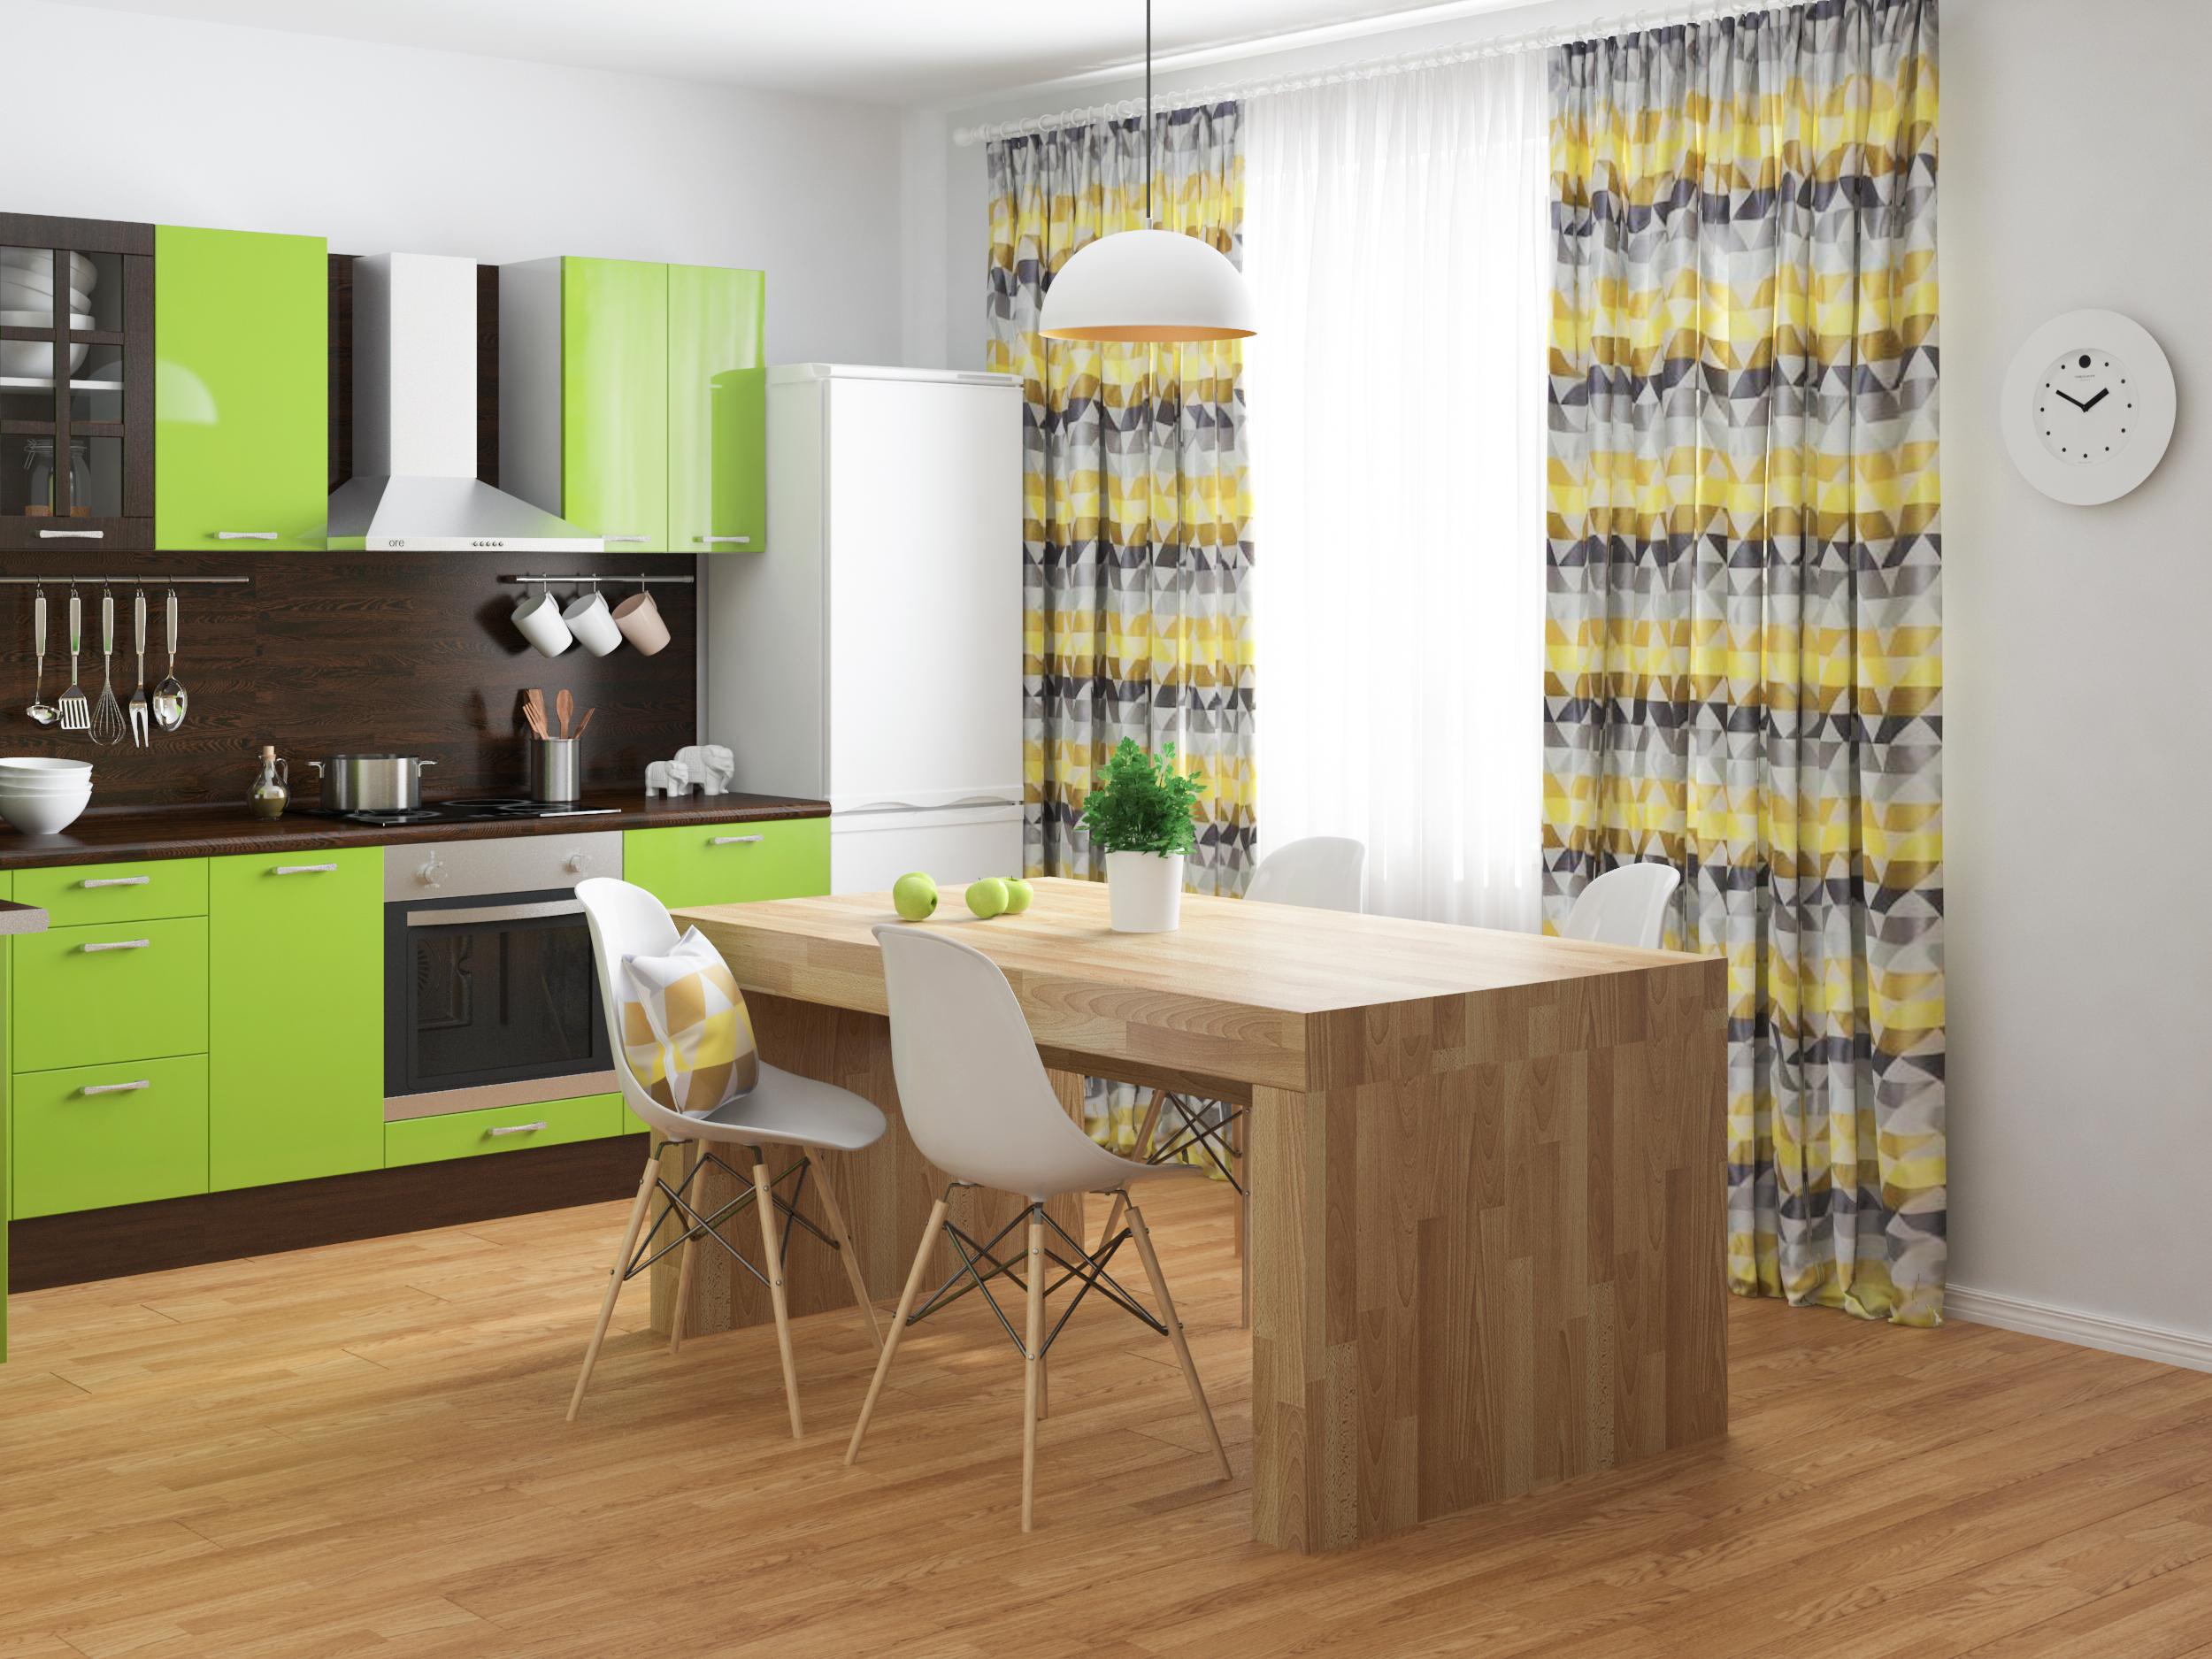 Летнее оформление кухни – готовое решение в интернет-магазине Леруа Мерлен  Красноярск